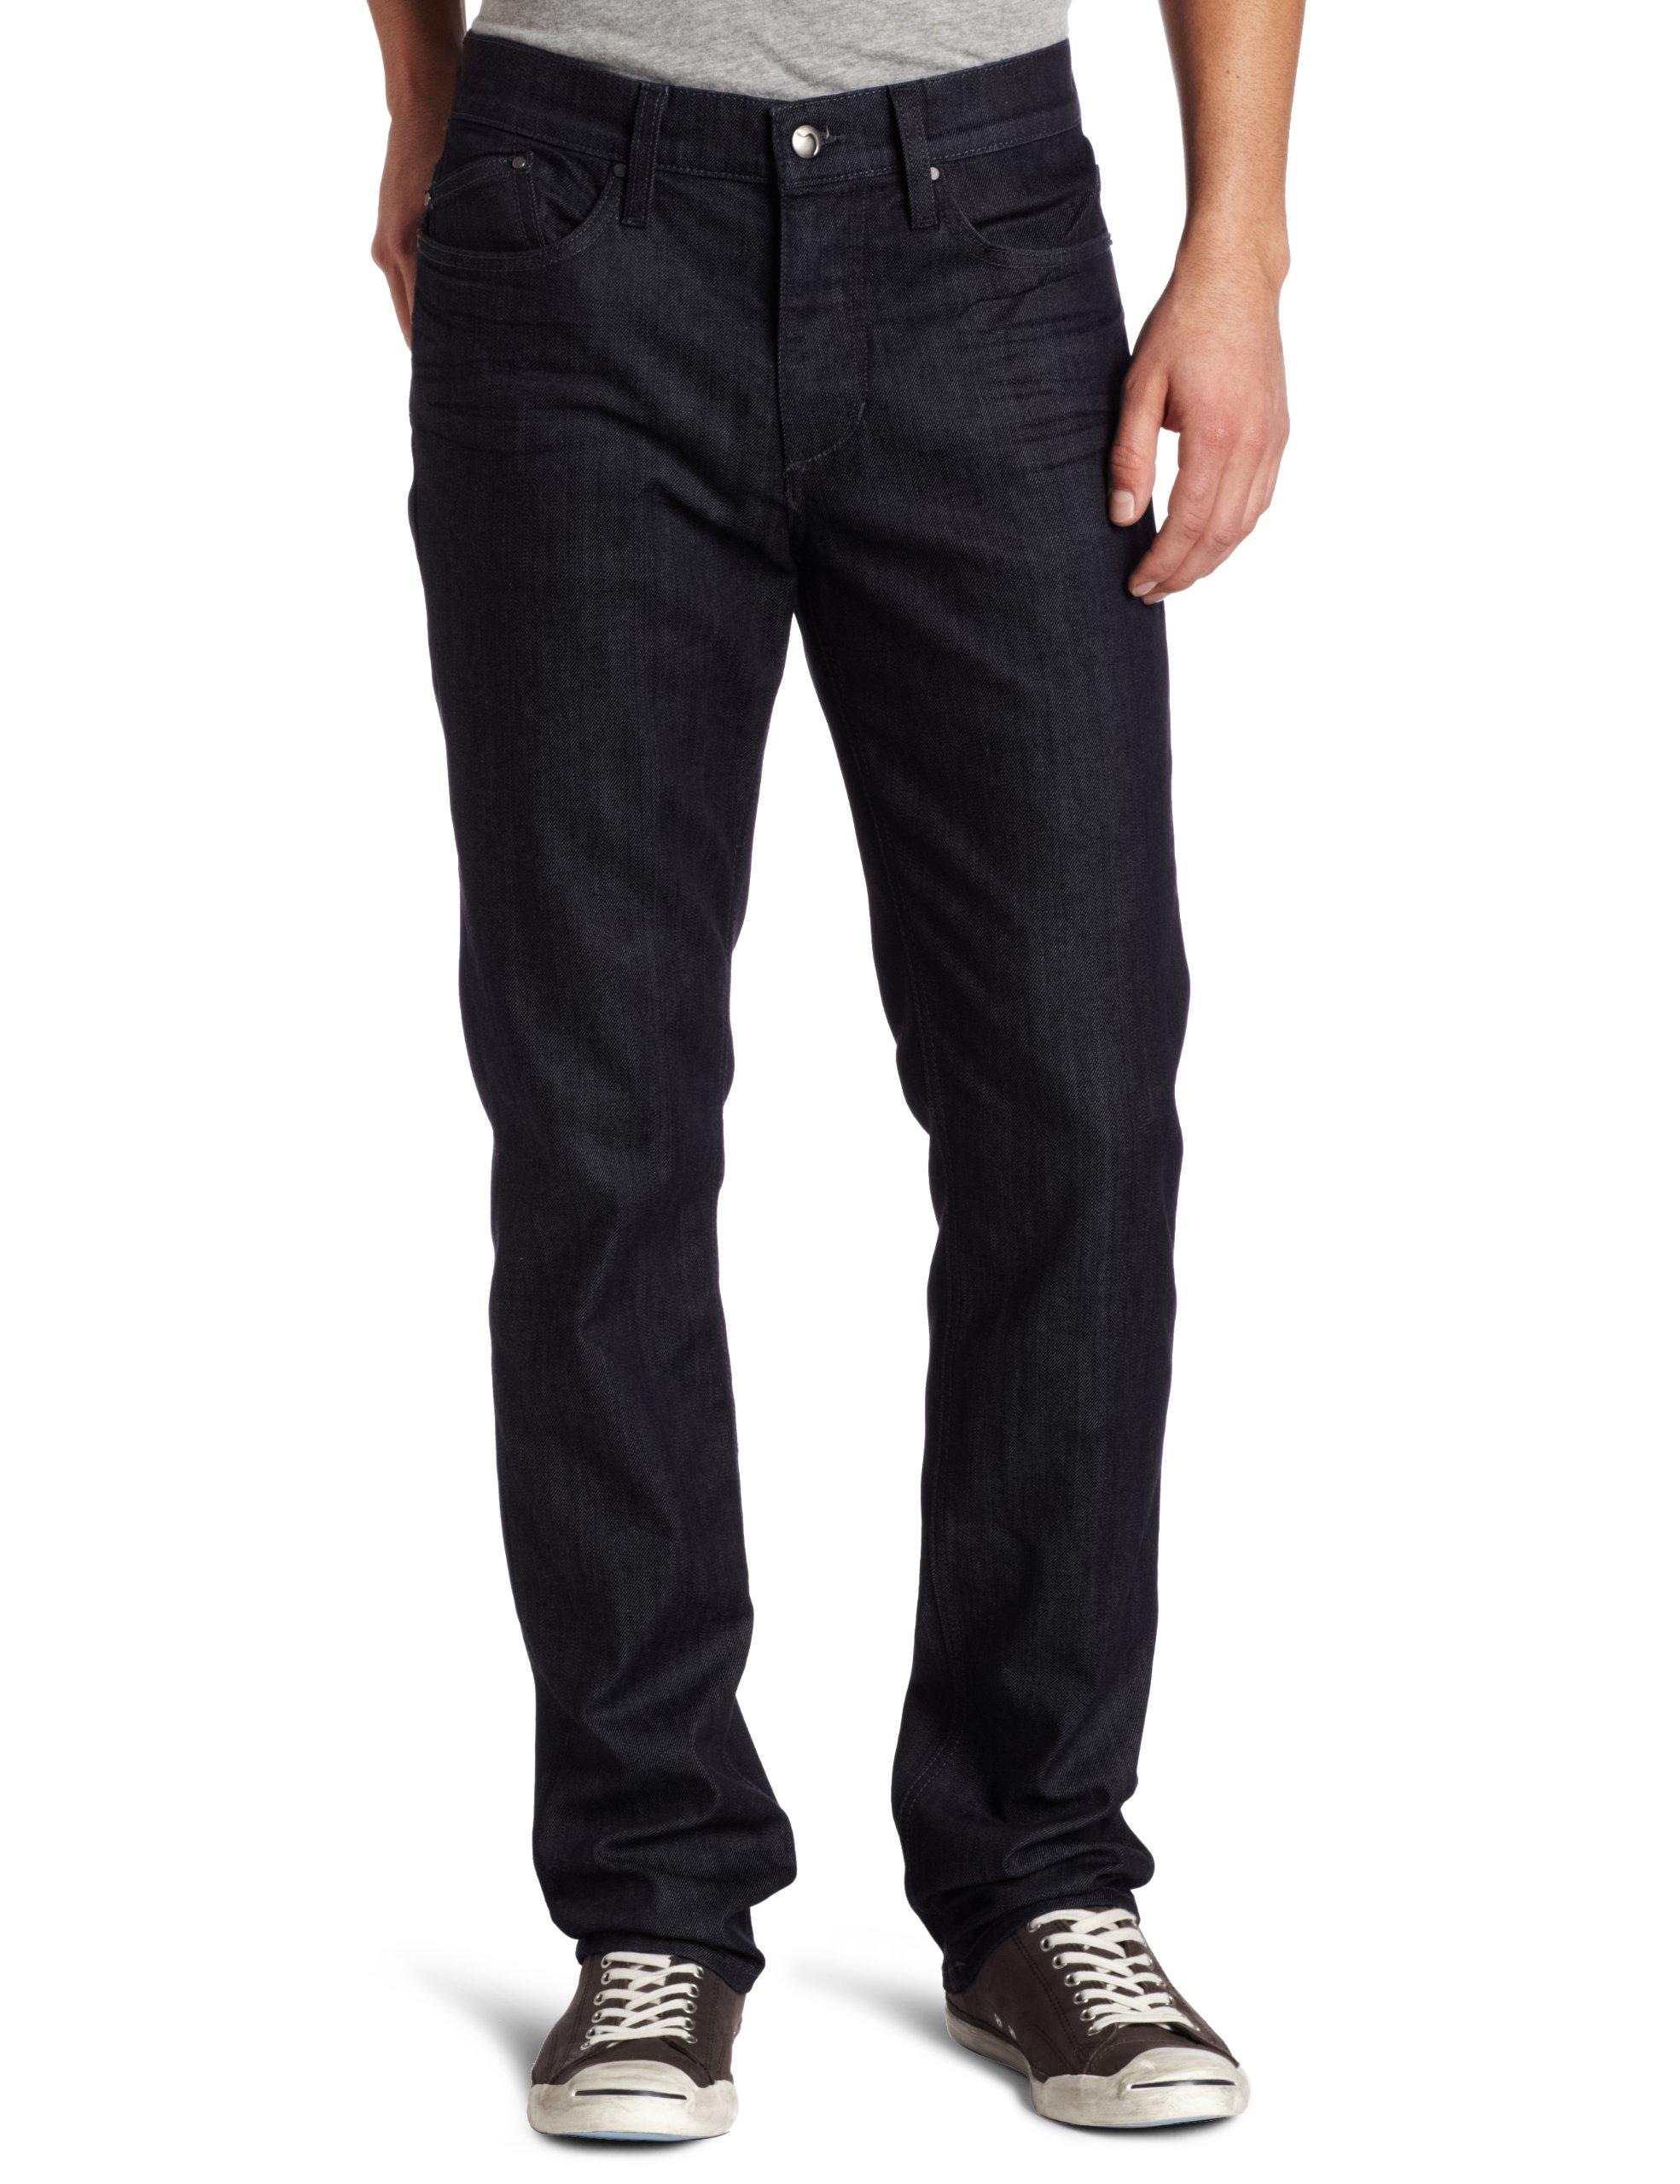 Joes Jeans Brixton Straight Narrow